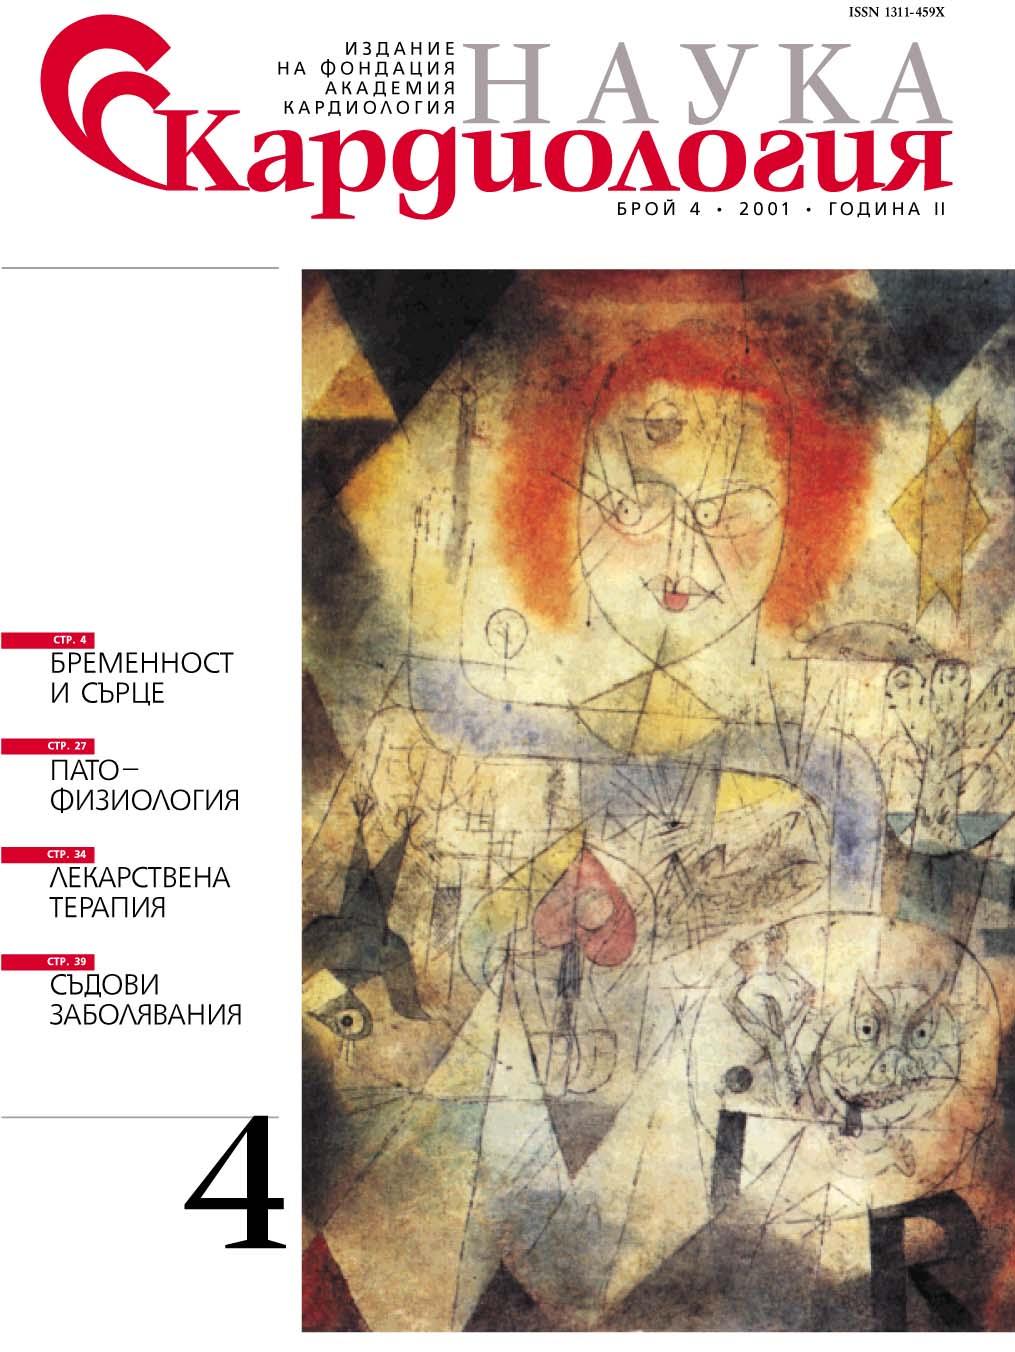 Наука Кардиология 4/2001